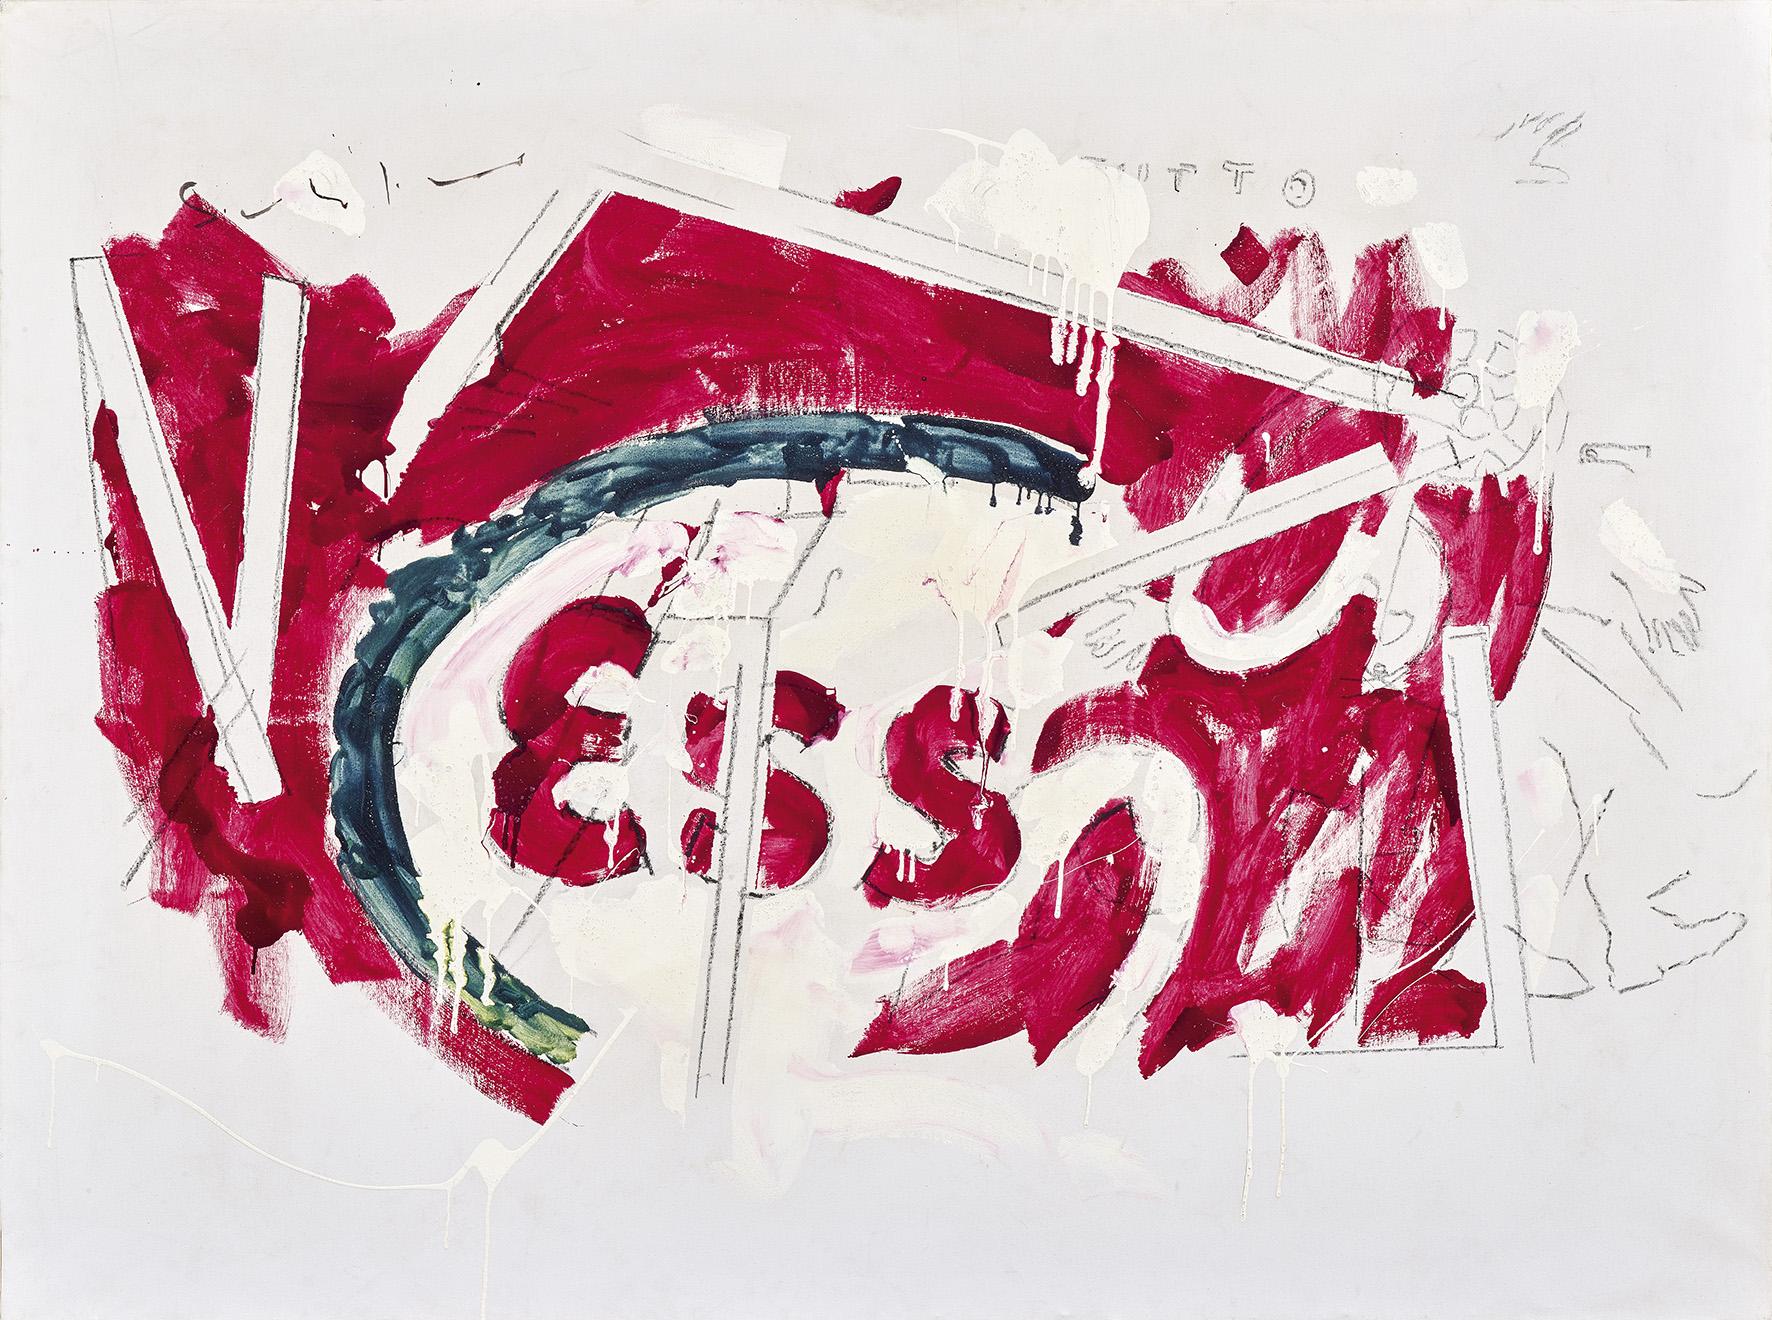 La Tv secondo Mario Schifano, in una mostra alla Tiber Art di Roma